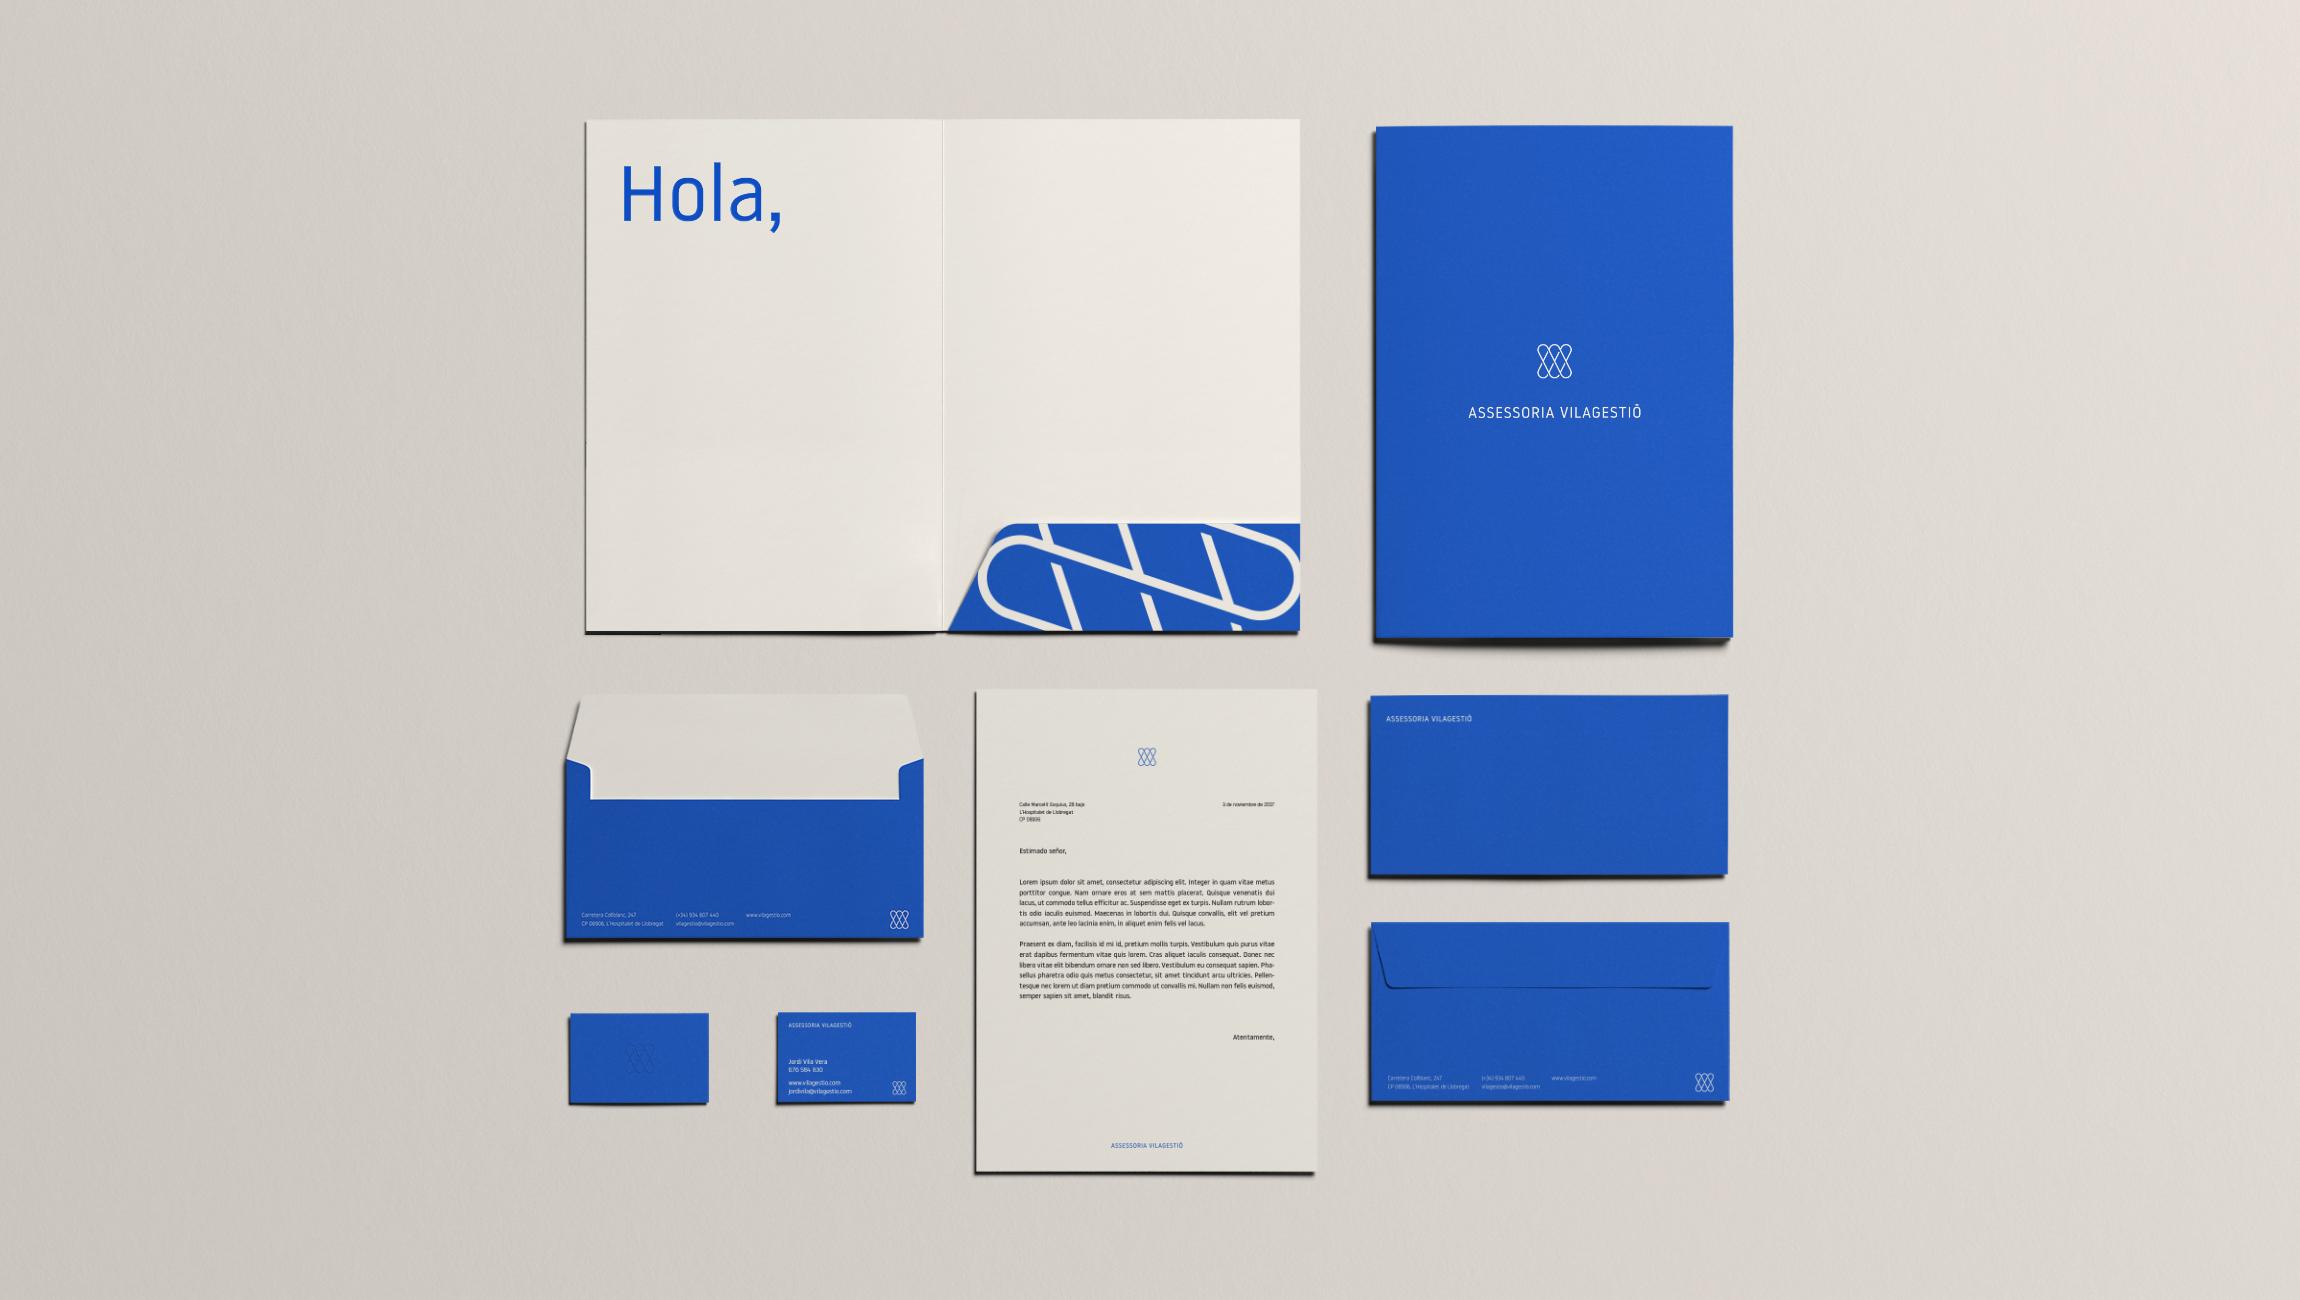 vilagestio_7-branding